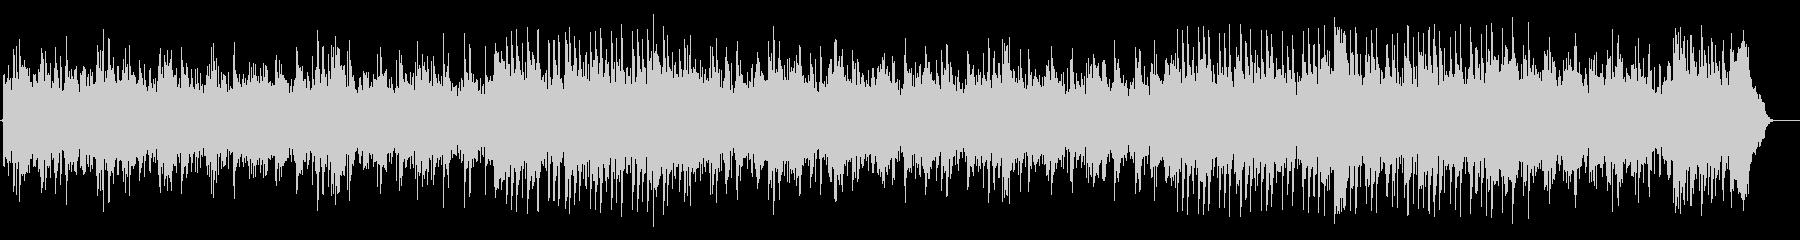 ドキュメント風ポップス(フルサイズ)の未再生の波形